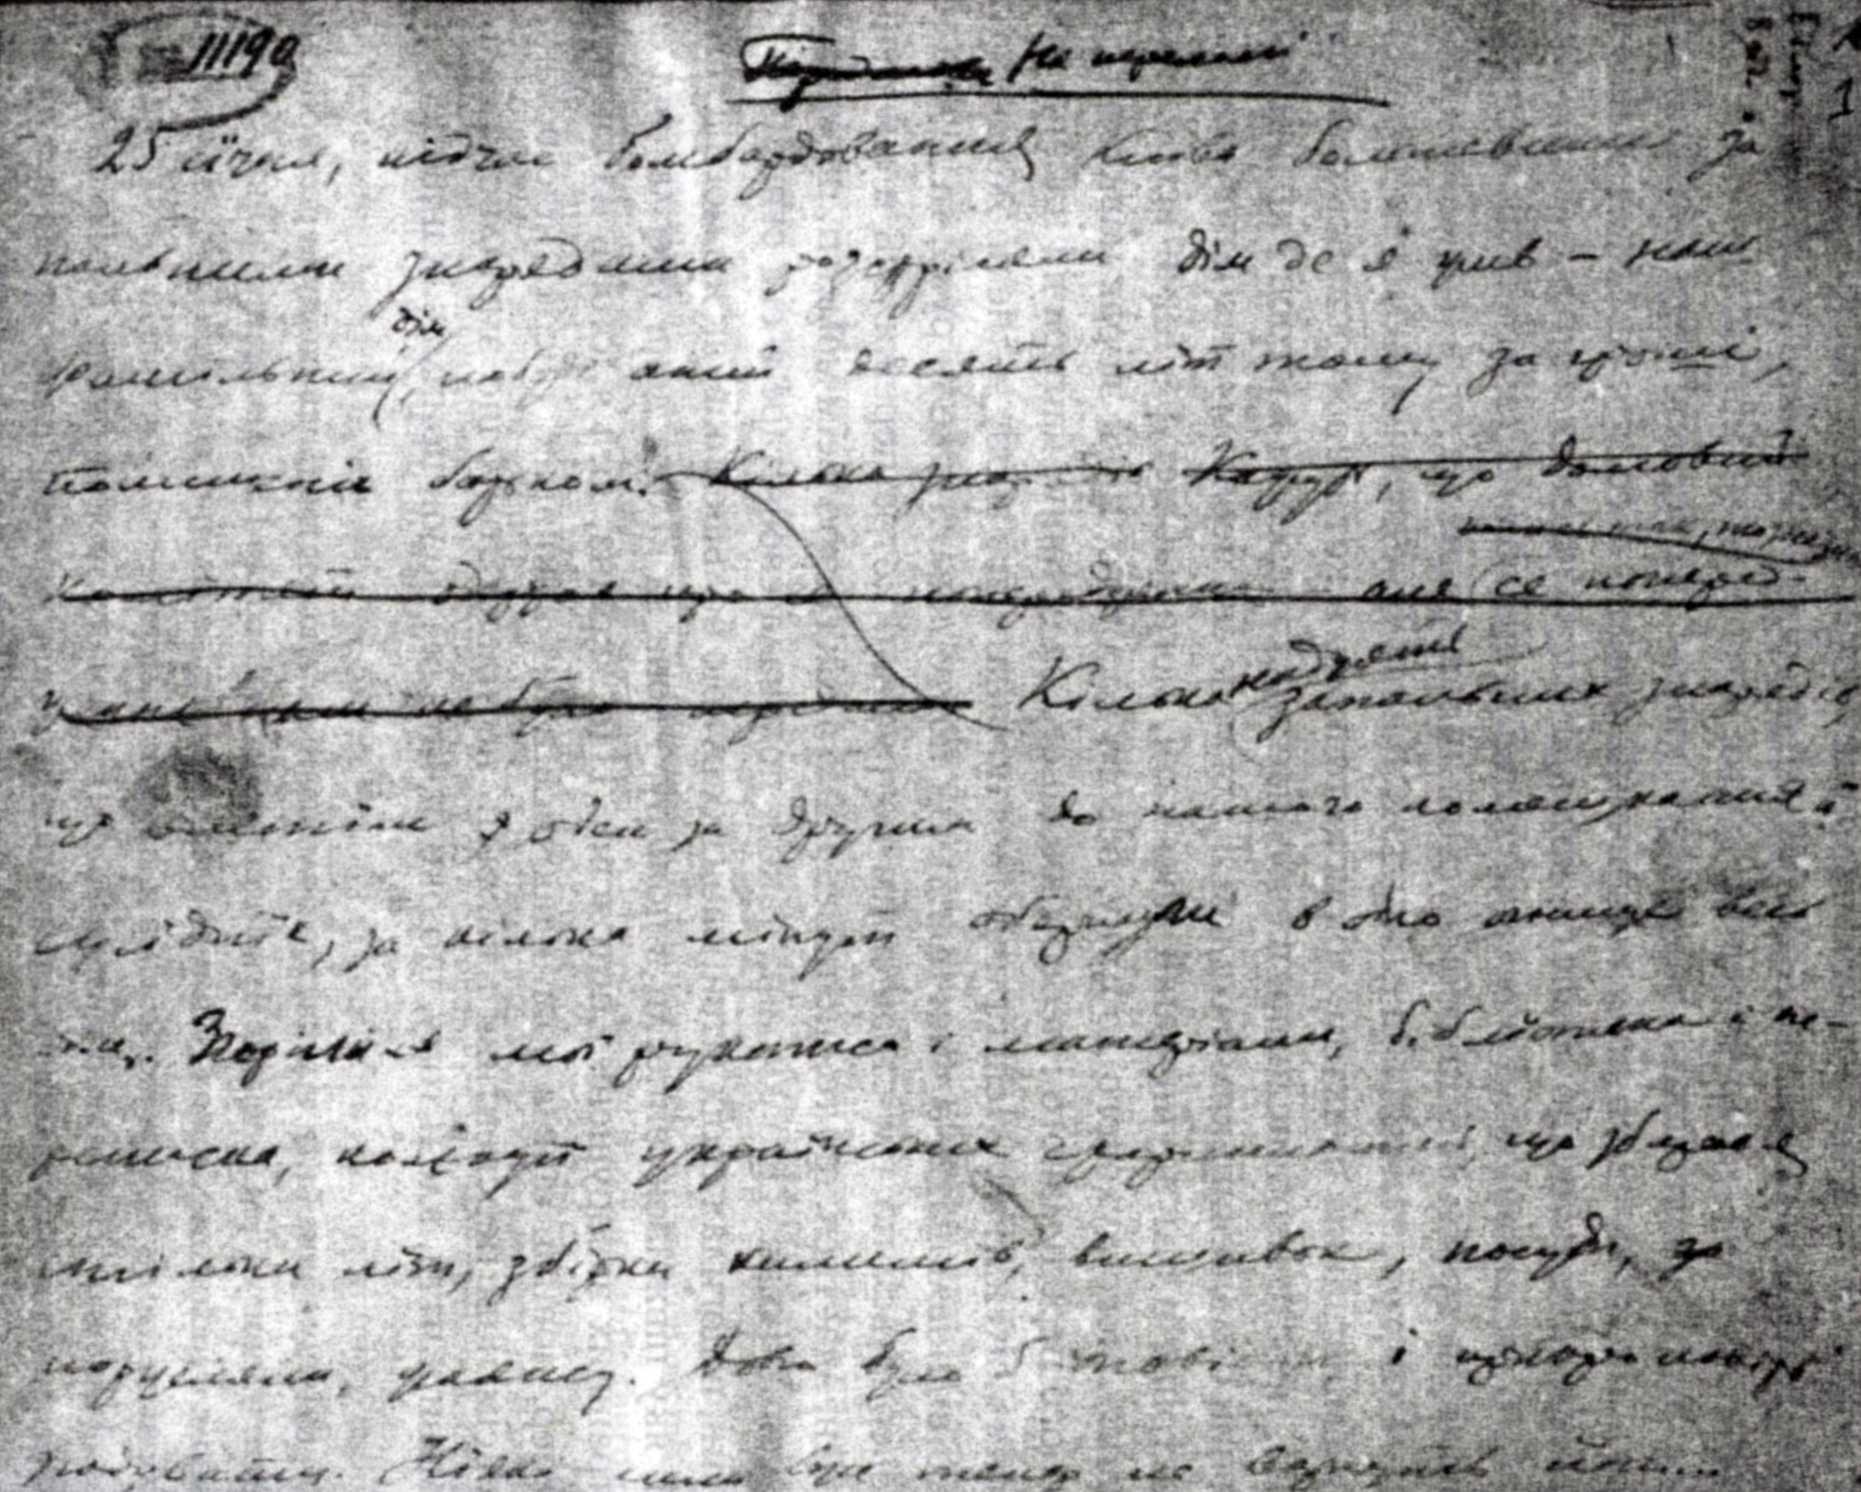 Перша сторінка автографа статті М. С. Грушевського «На переломі» (1918 р.)